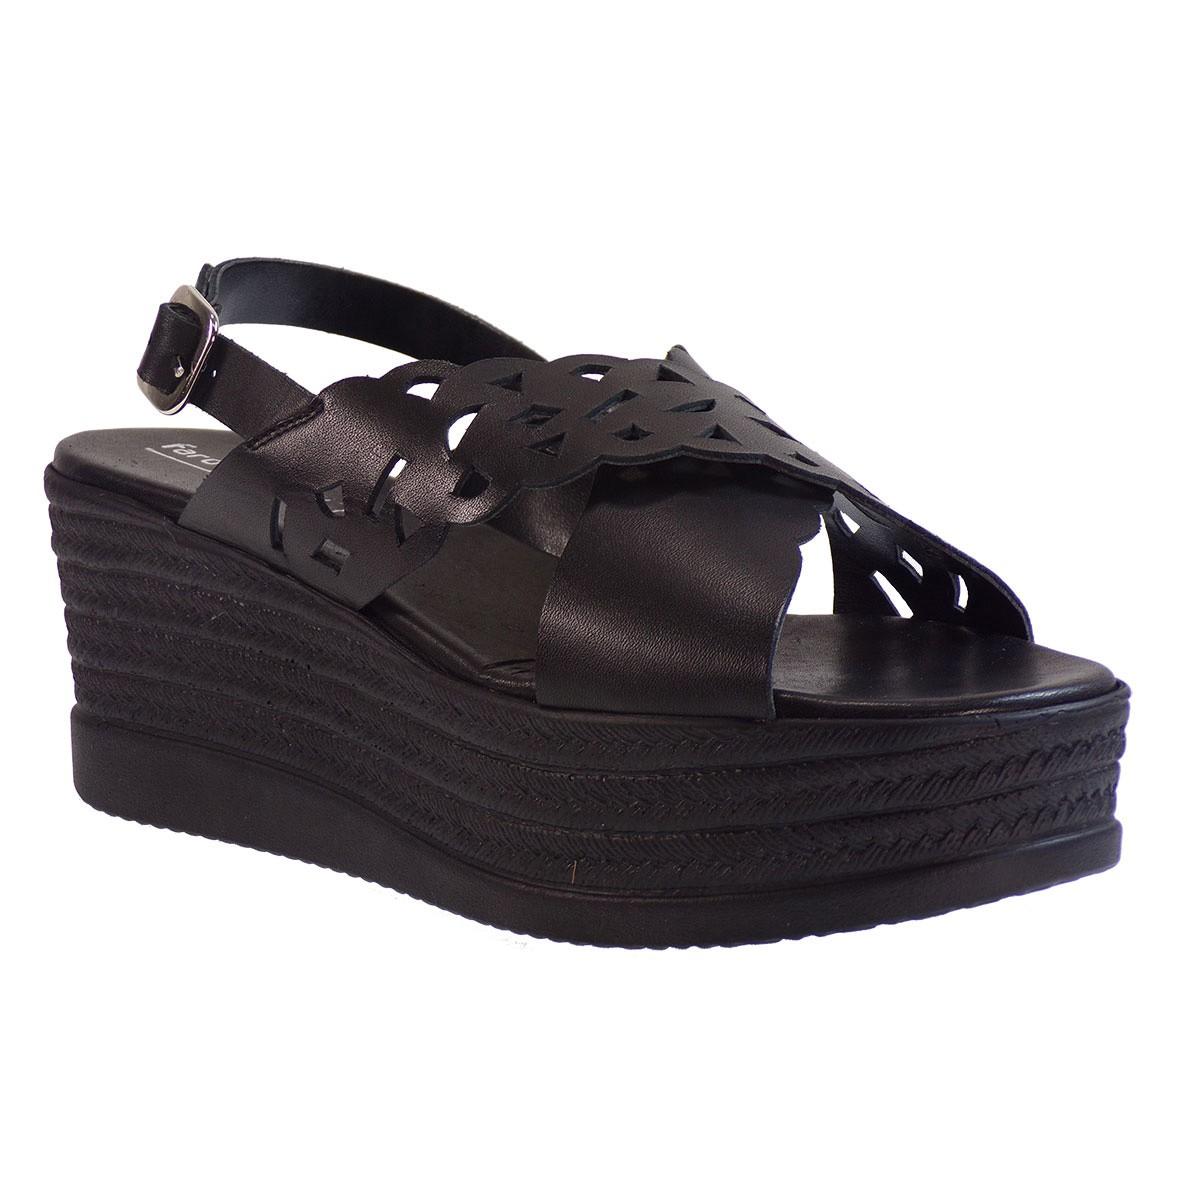 Fardoulis shoes Γυναικείες Πλατφόρμες Πέδιλα 64440 Μαύρο Δέρμα